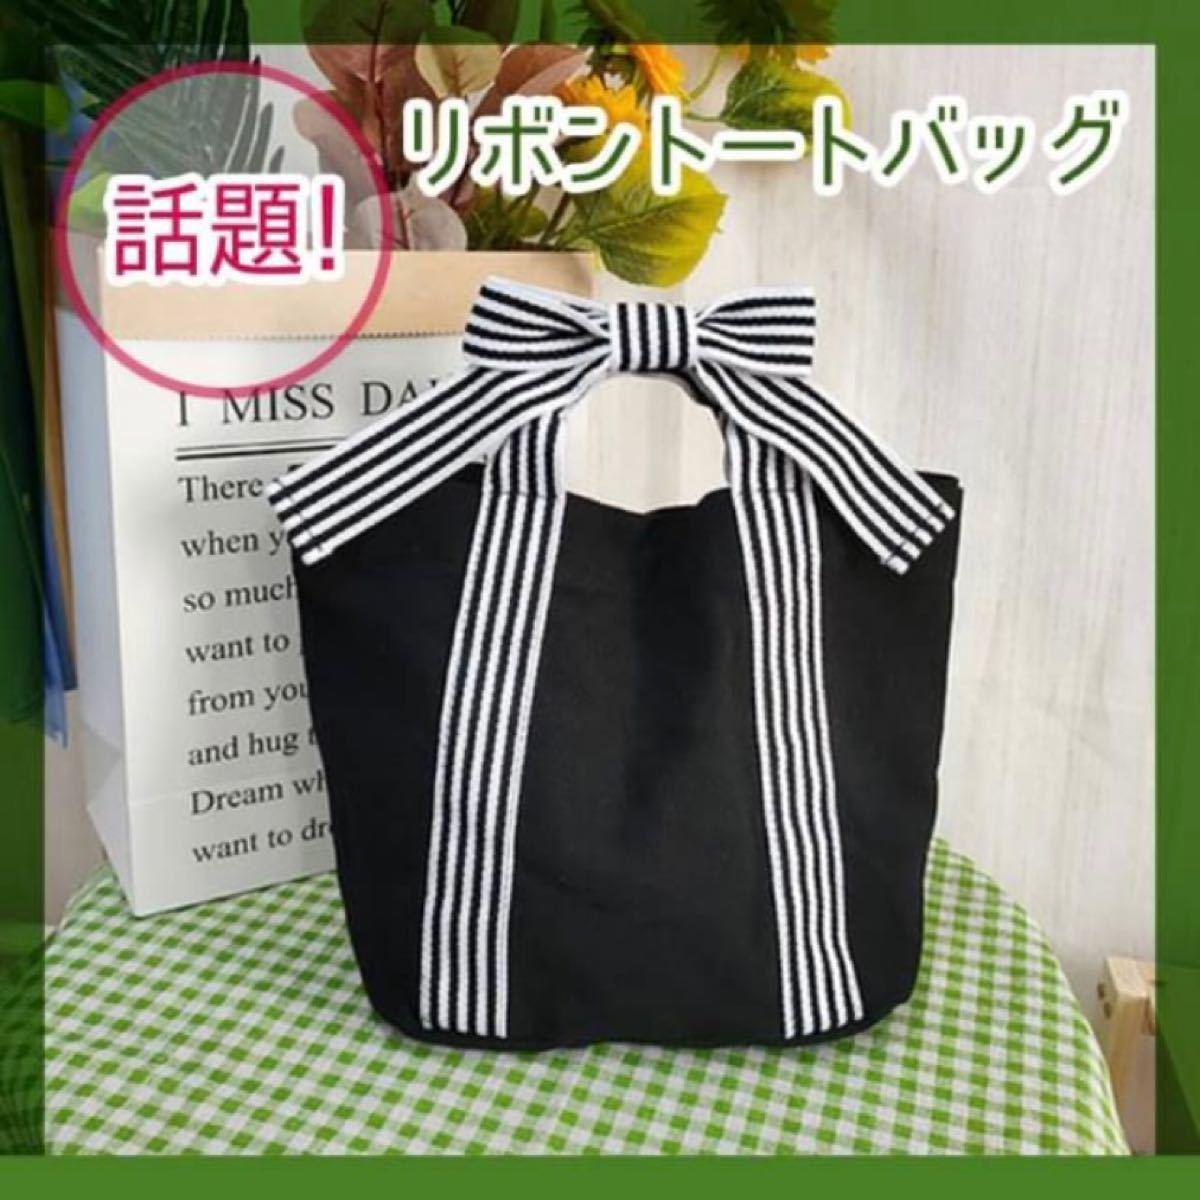 セール トートバッグ ハンドバッグ ブラック バッグ キャンバス ミニバッグ 値下げ  鞄 ランチバッグ ボーダー ミニトート